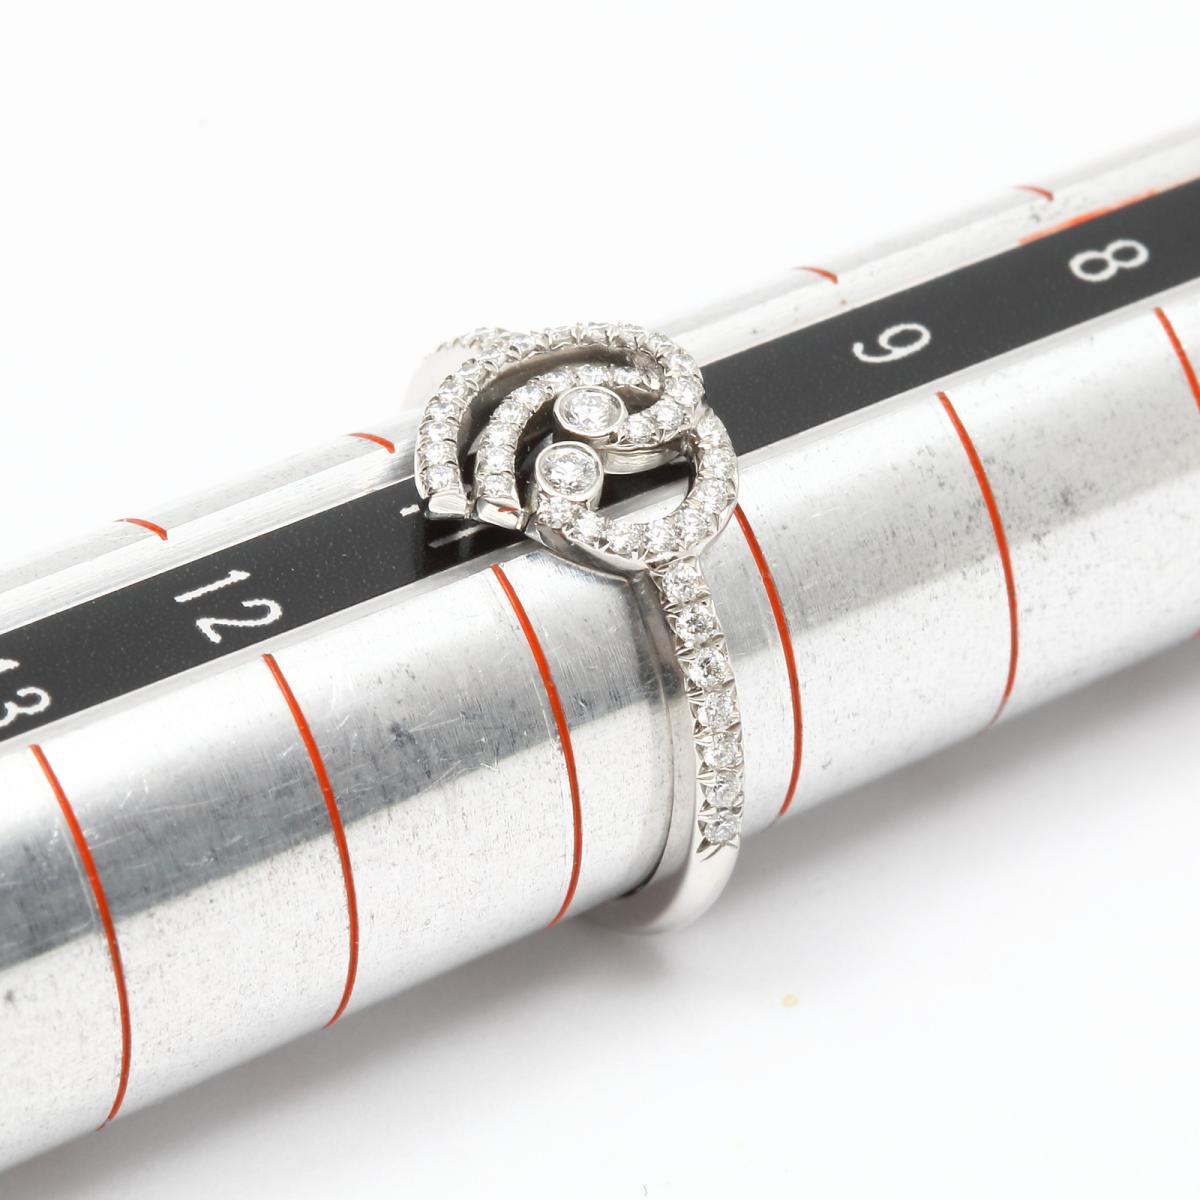 ティファニーエンチャントハートダイヤモンドリング指輪ブランドジュエリーレディースPT950プラチナx【】 <a href=